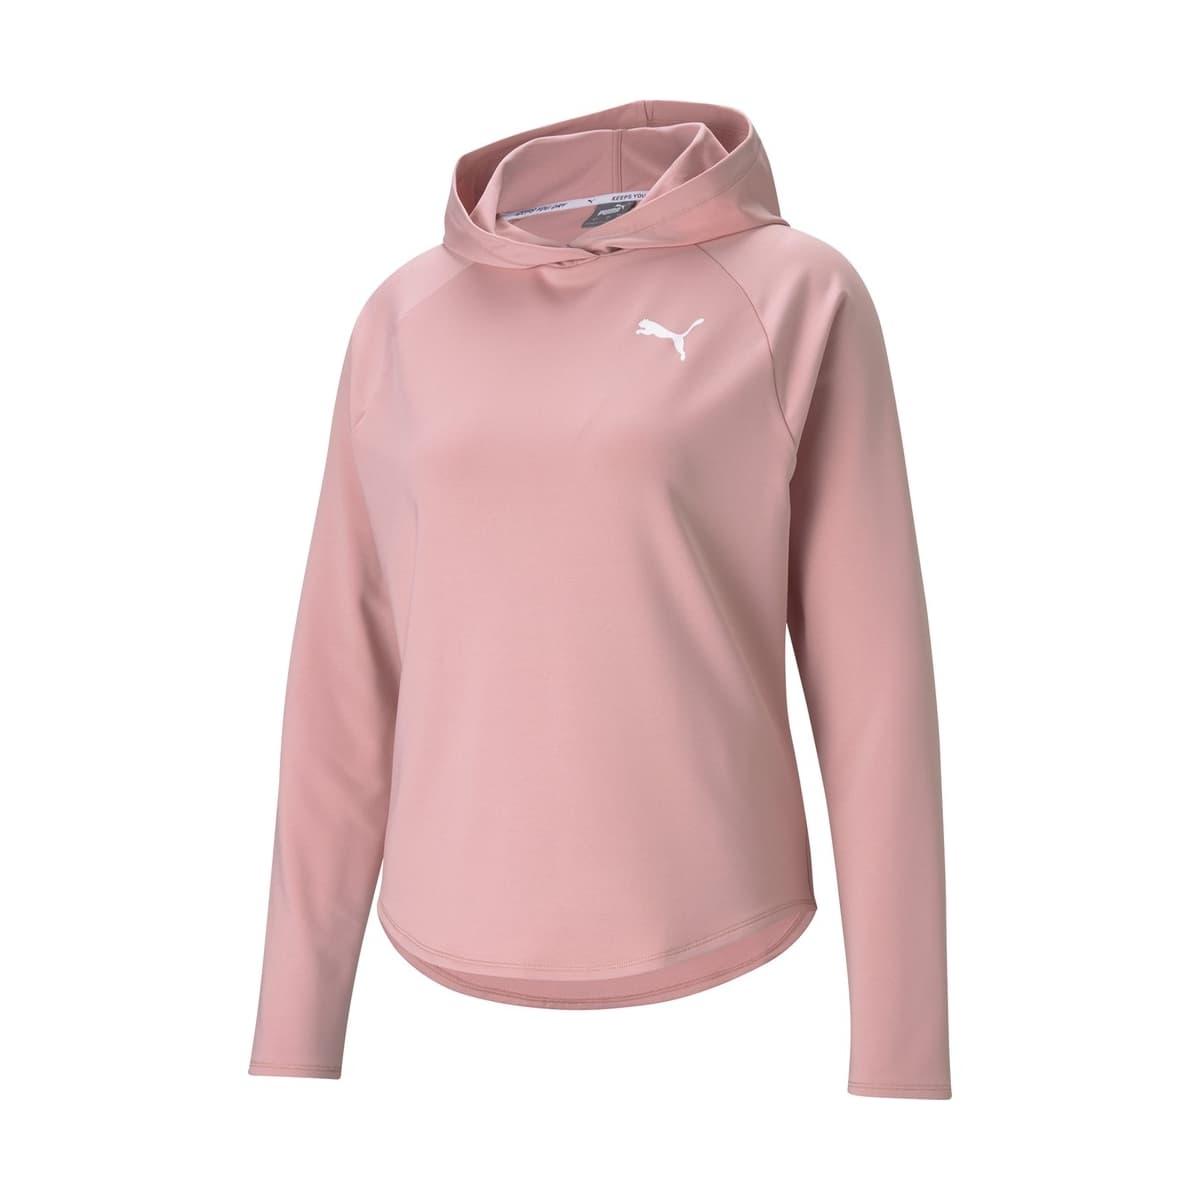 Active Kadın Pembe Kapüşonlu Sweatshirt (586858-80)